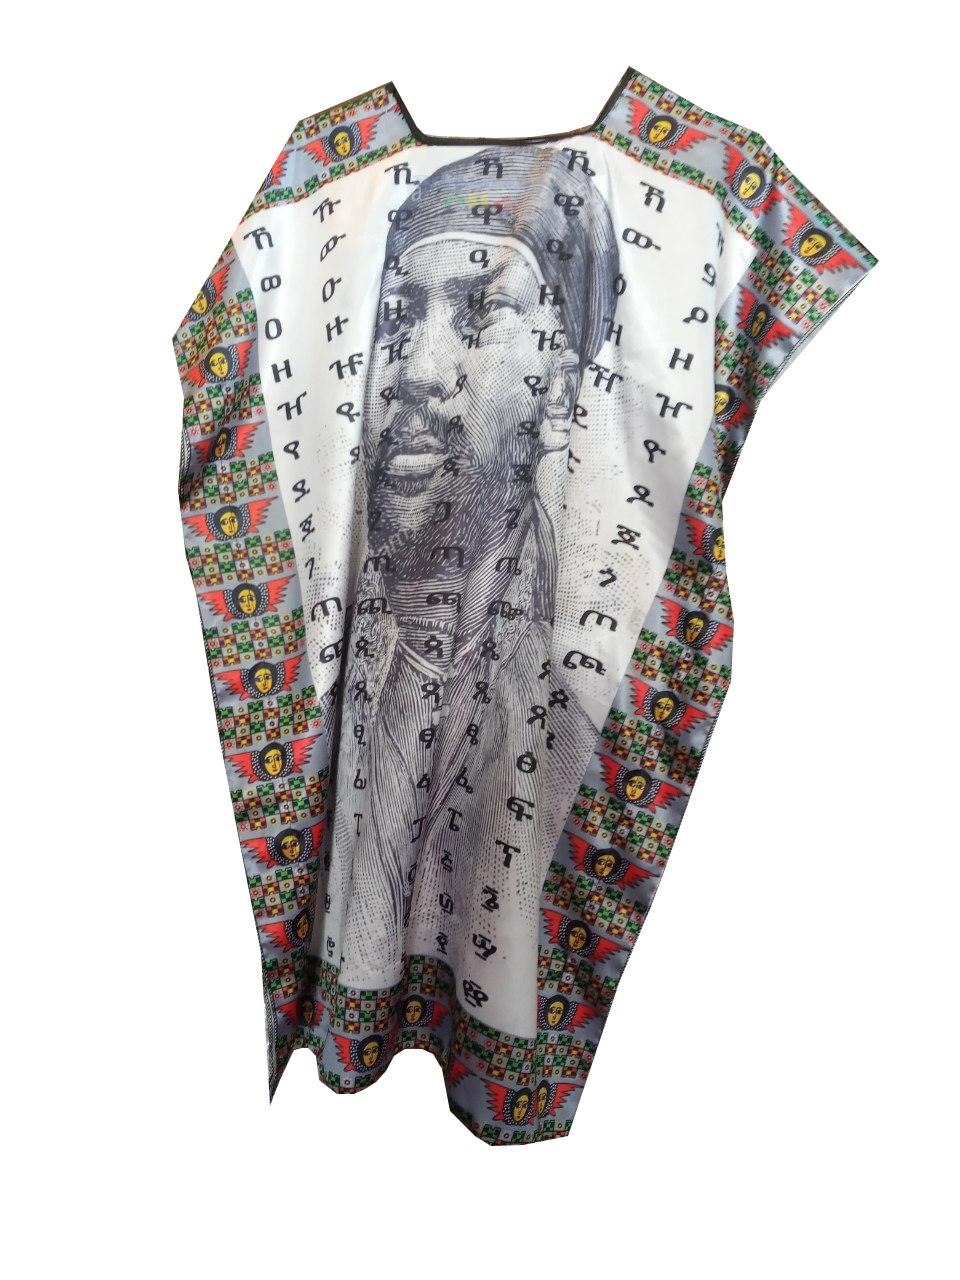 የሚኒሊክ ምስል ያለበት የሴቶች አላባሽ Minilik fidel t-shirt for women